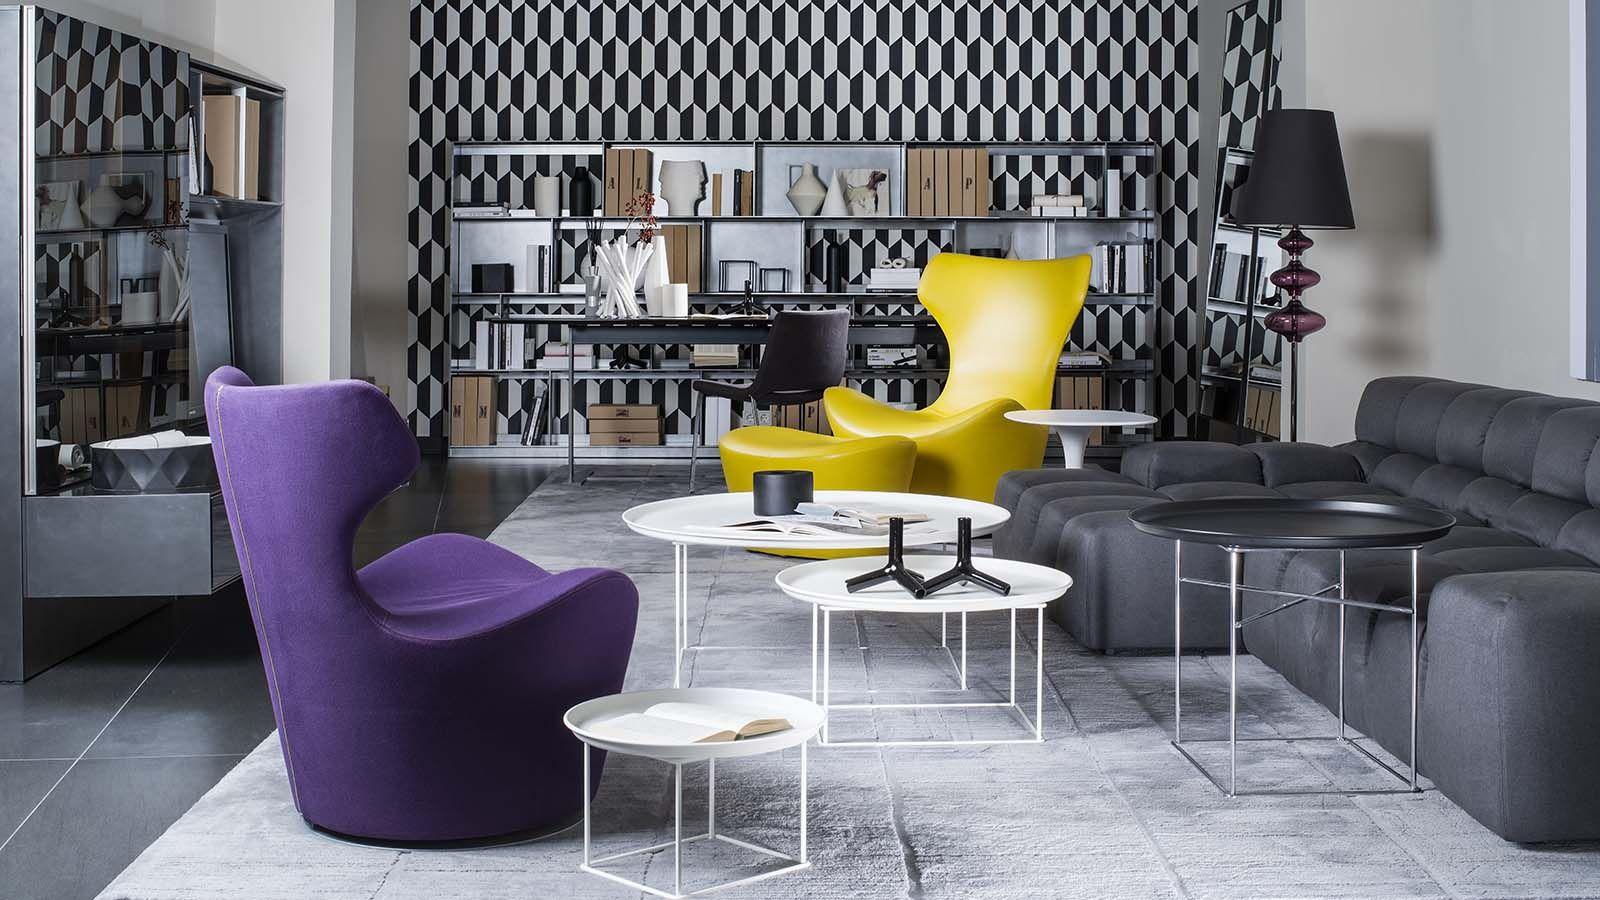 Das Erfolgsrezept Heißt Beste Qualität | SPÄTAUF Möbel, Design U0026 Handwerk